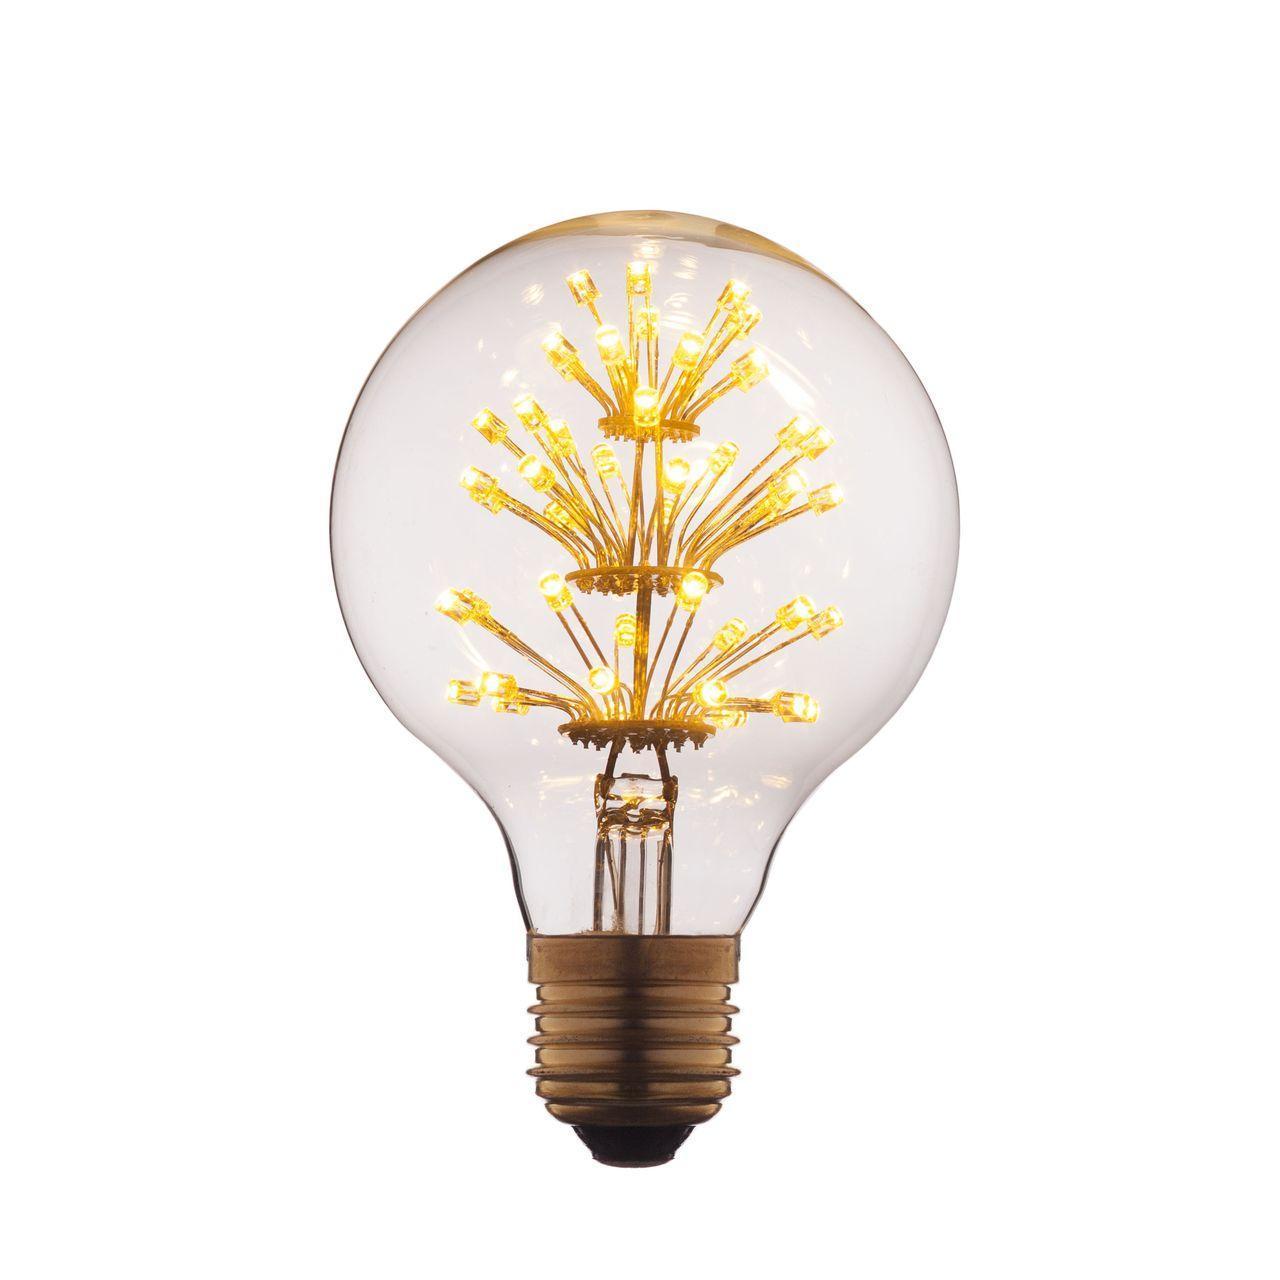 Лампа светодиодная филаментная E27 3W прозрачная G8047LED loft it лампа светодиодная loft it шар прозрачный e27 3w g8047led